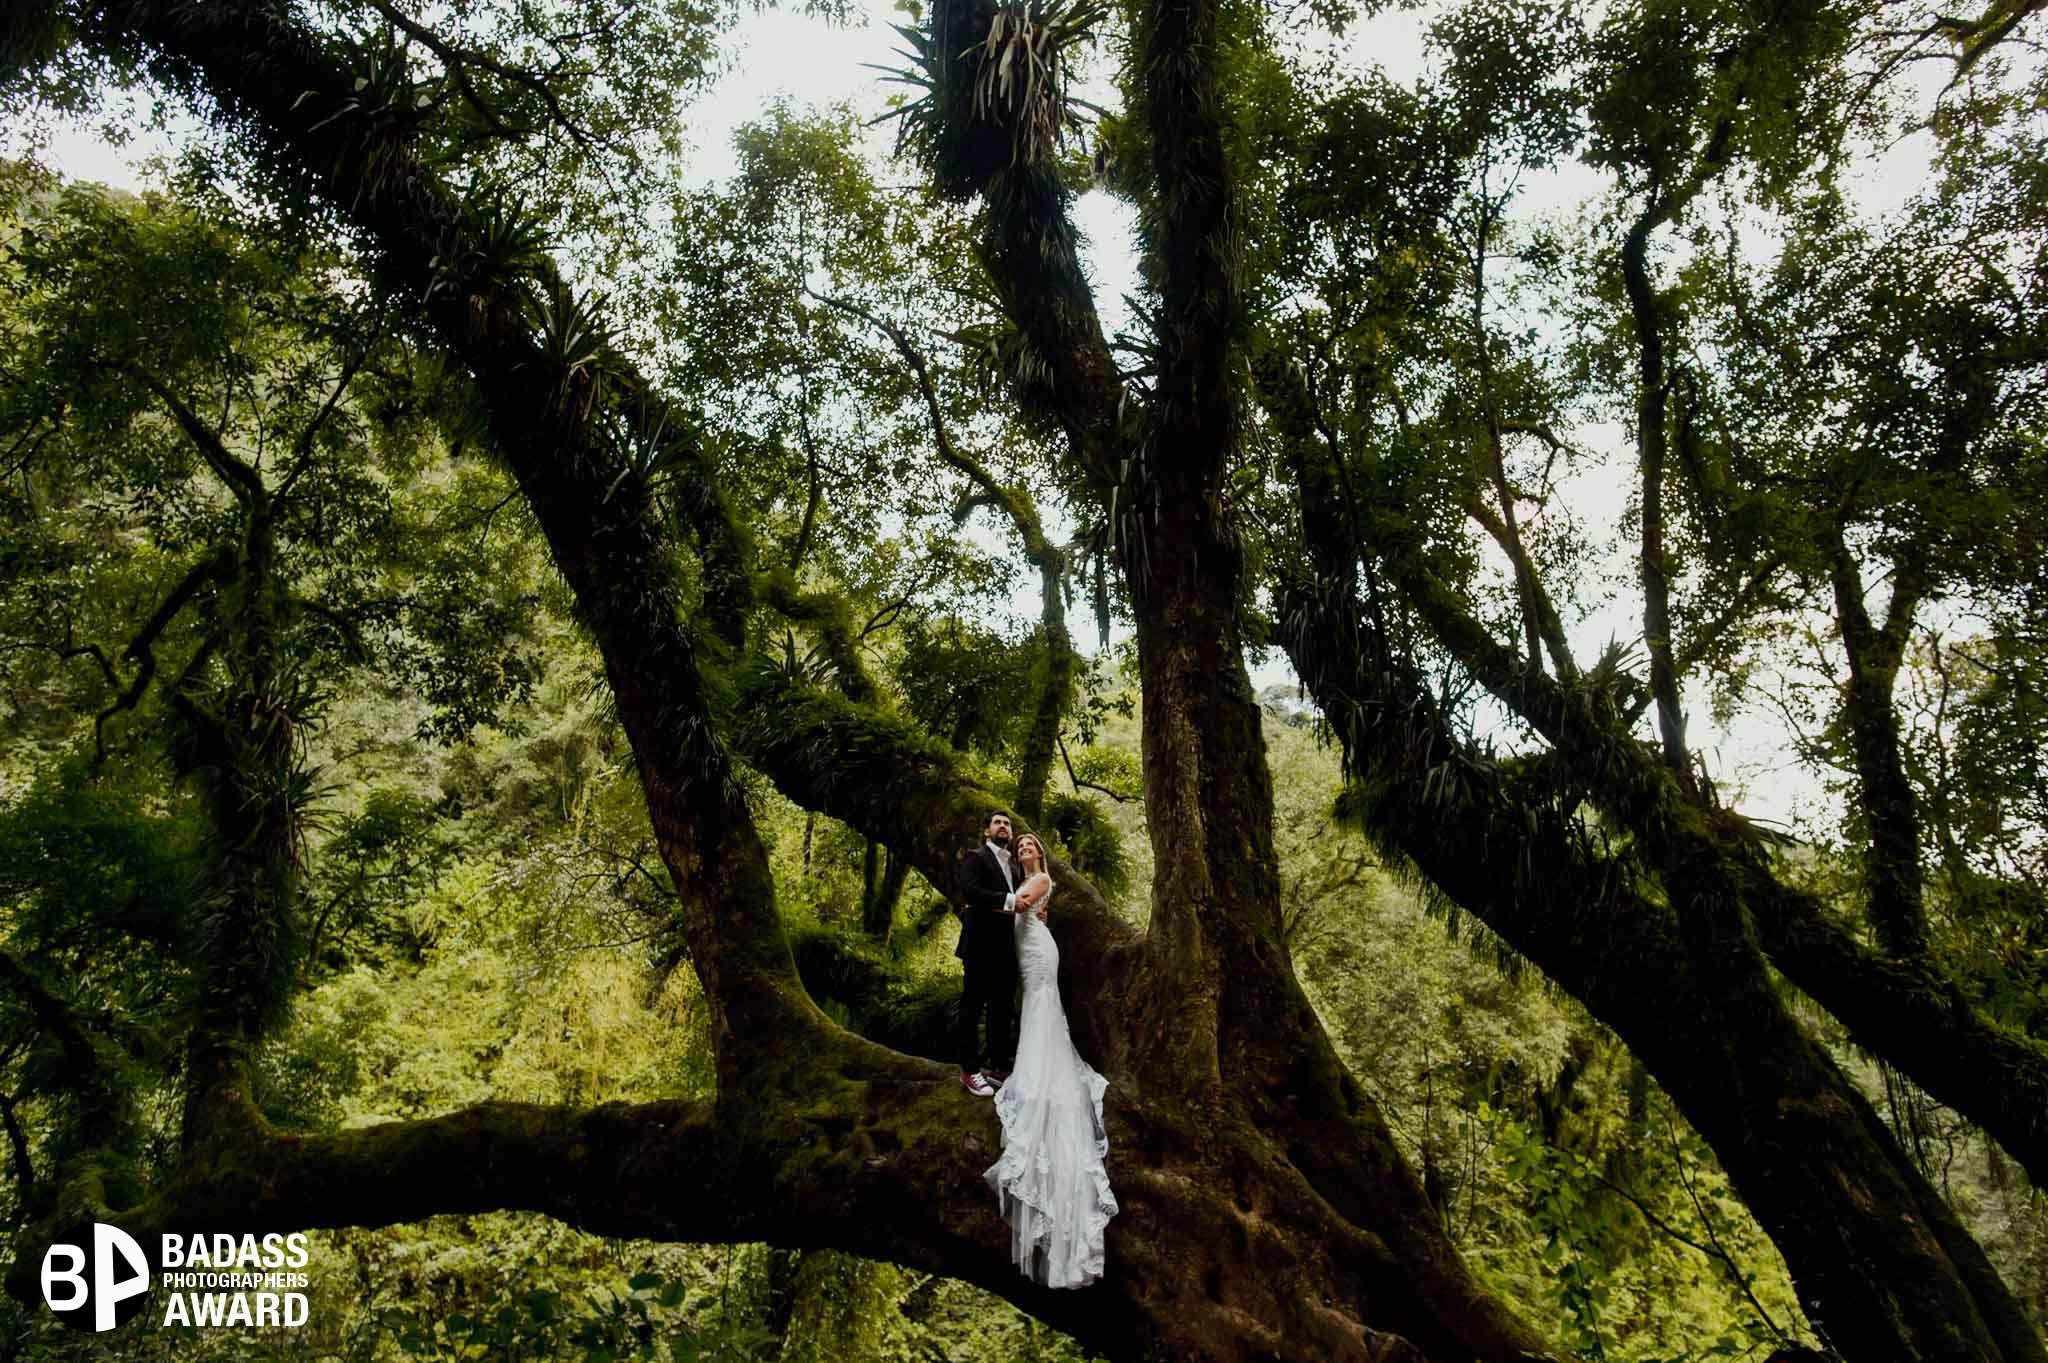 baddas award - matias fernandez - phmatiasfernandez - los mejores fotógrafos de bodas